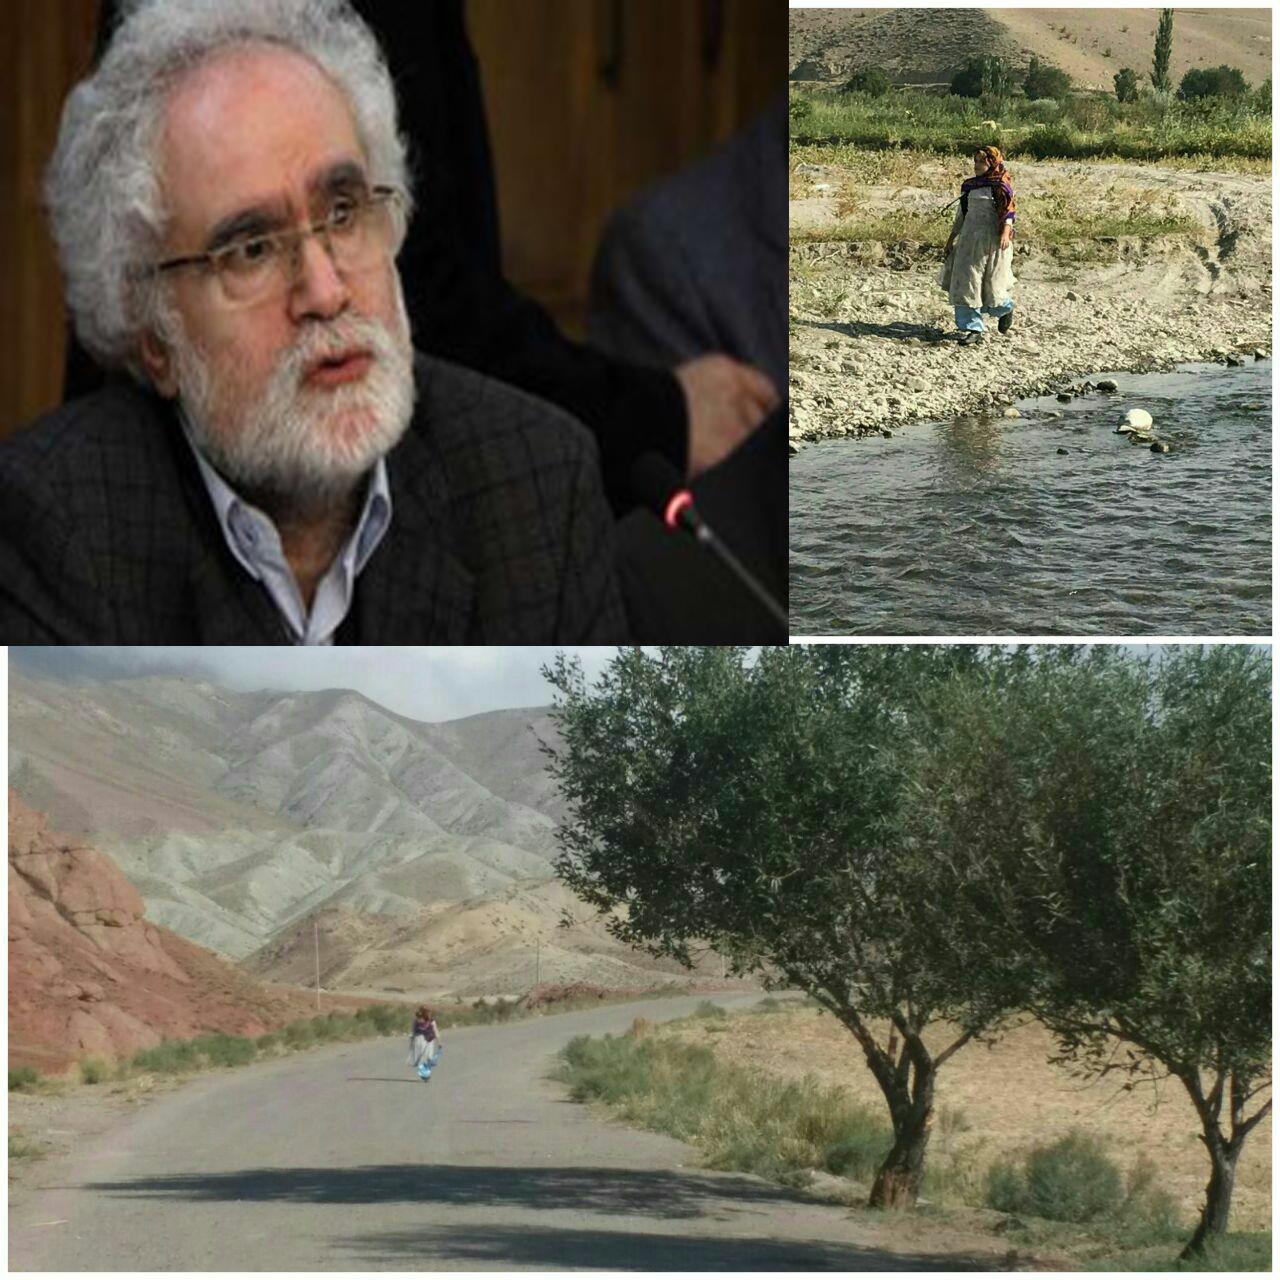 حمایت اداره کل صنعت، معدن و تجارت آذربایجان شرقی از فیلم مستند داستانی ارسباران